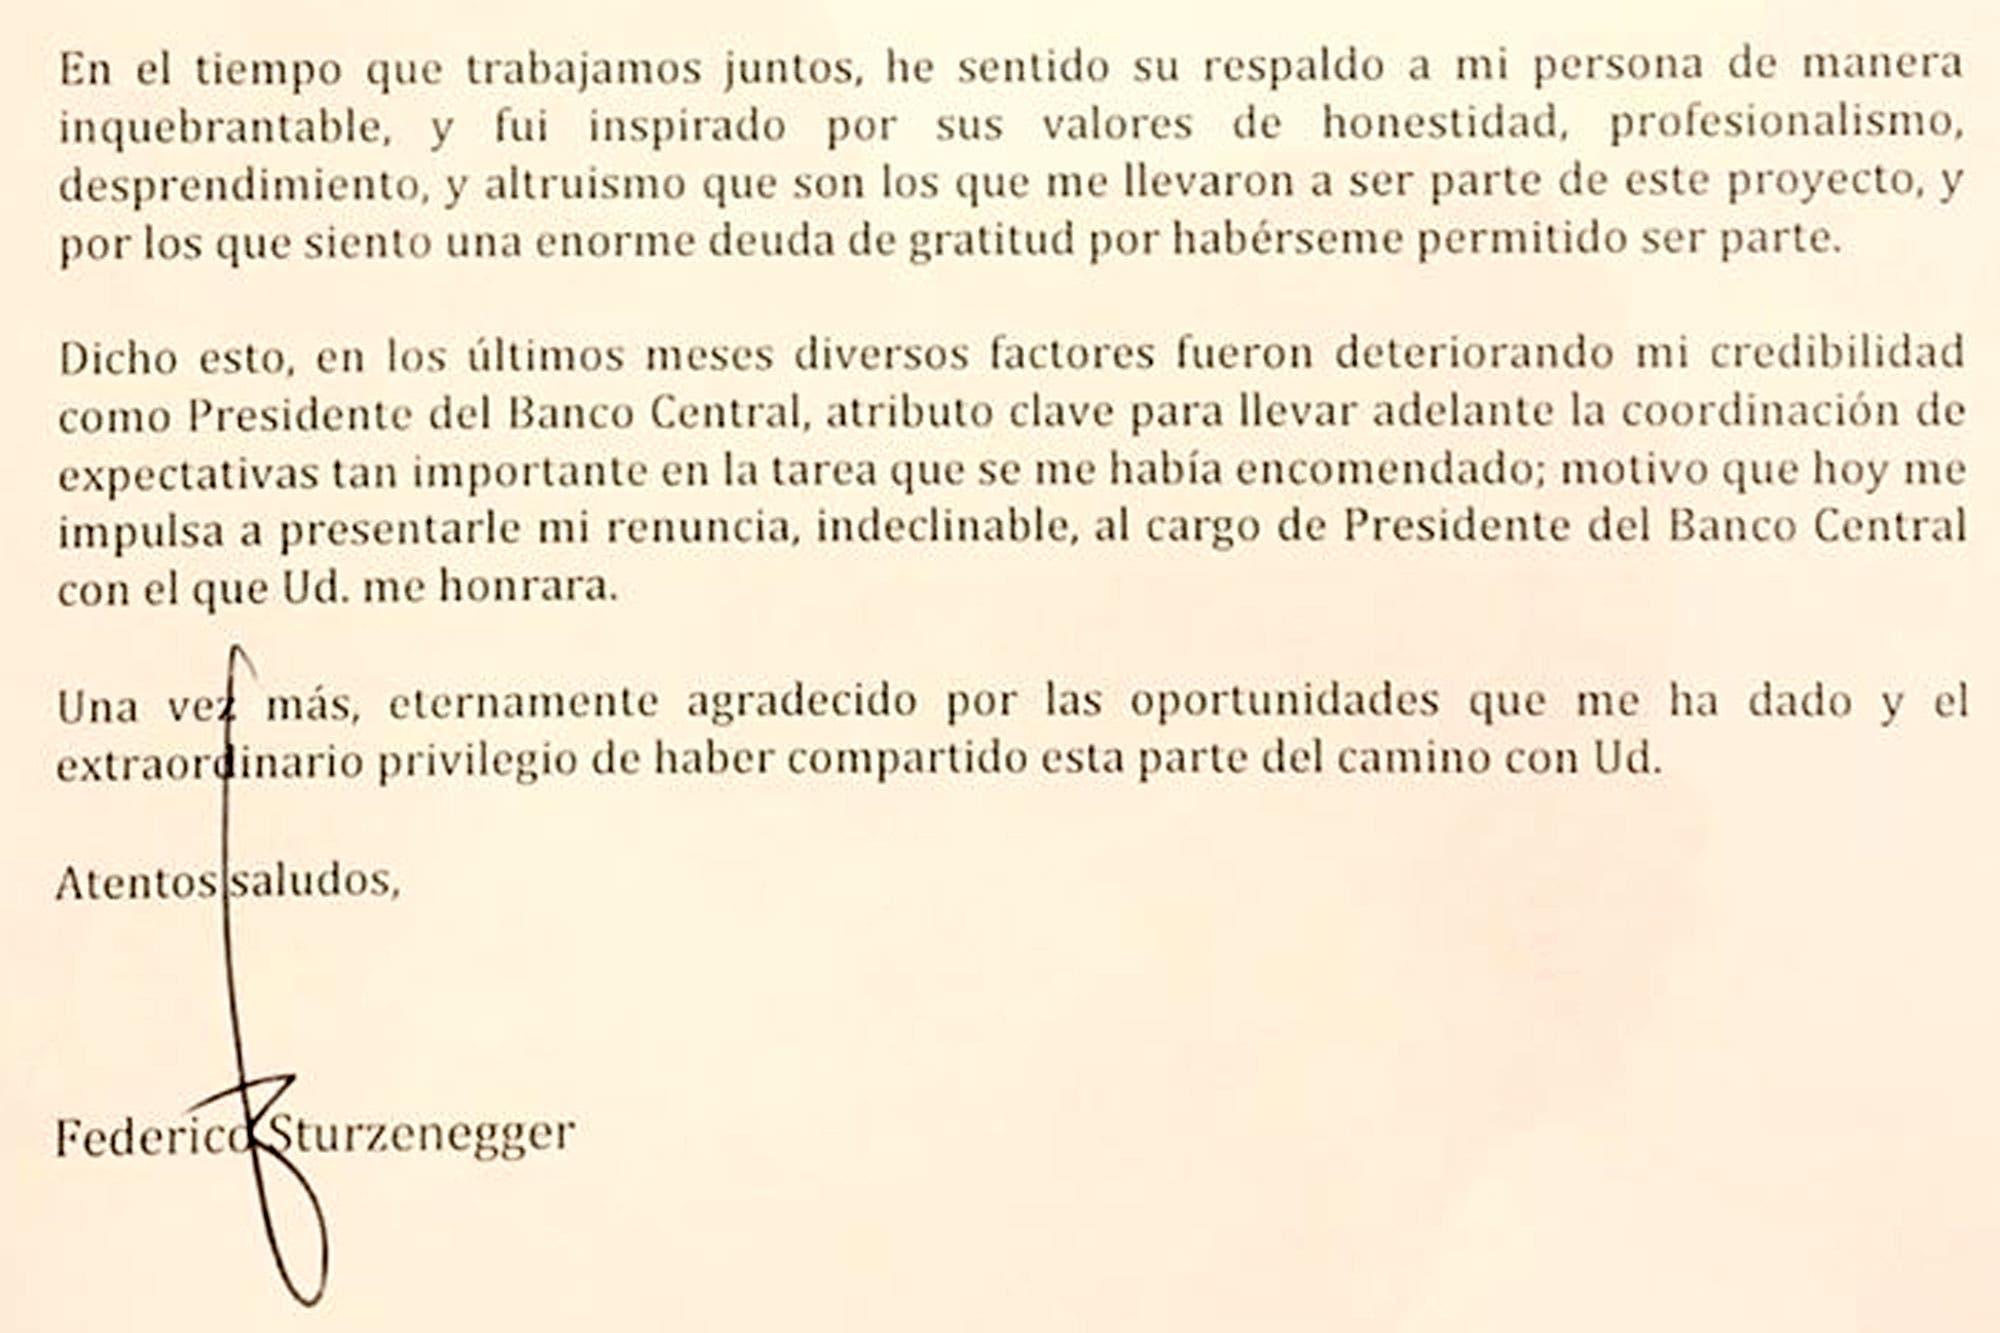 """La carta de renuncia de Federico Sturzenegger: """"Diversos factores fueron deteriorando mi credibilidad"""""""